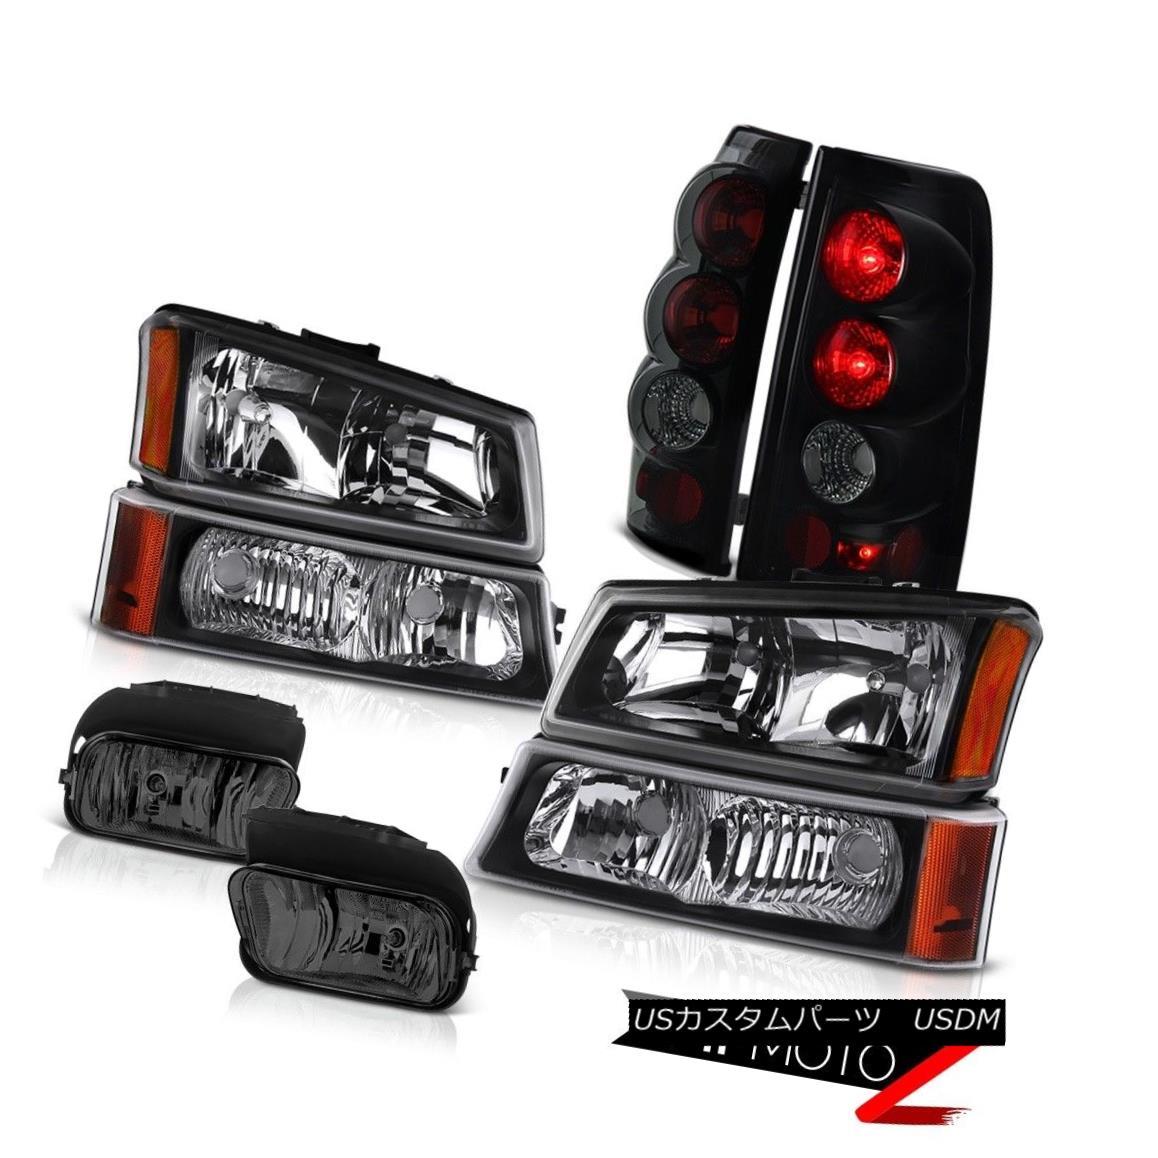 ヘッドライト 03-06 Silverado Black Head Light Lamp Turn Signal Parking Smoke Tail Driving Fog 03-06シルバラードブラックヘッドランプランプターンシグナル駐車煙テール運転霧